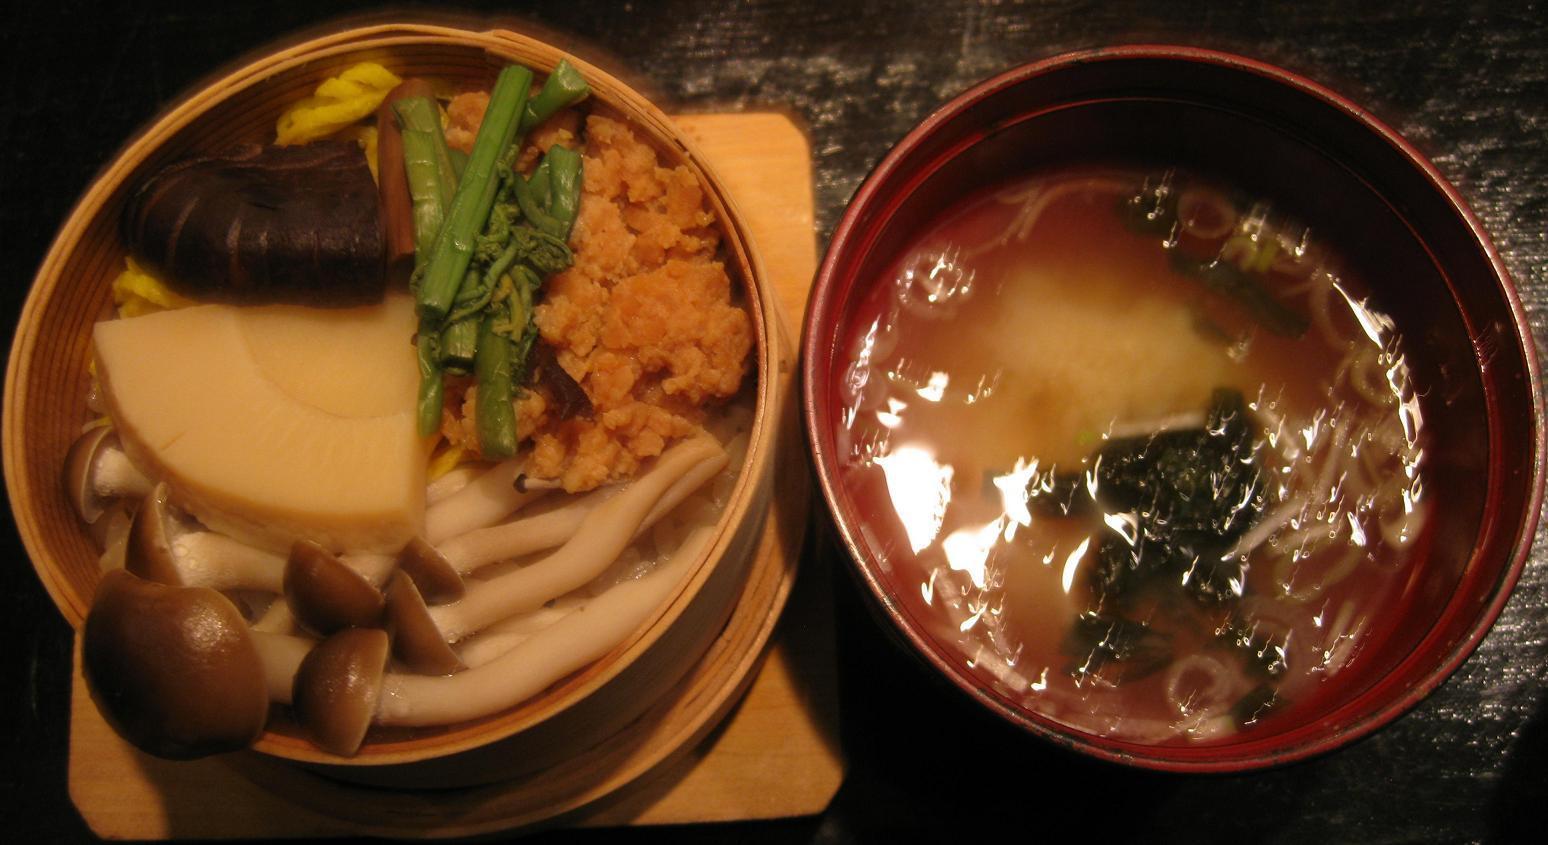 鶏そぼろと山菜のわっぱめし&岩海苔の味噌汁